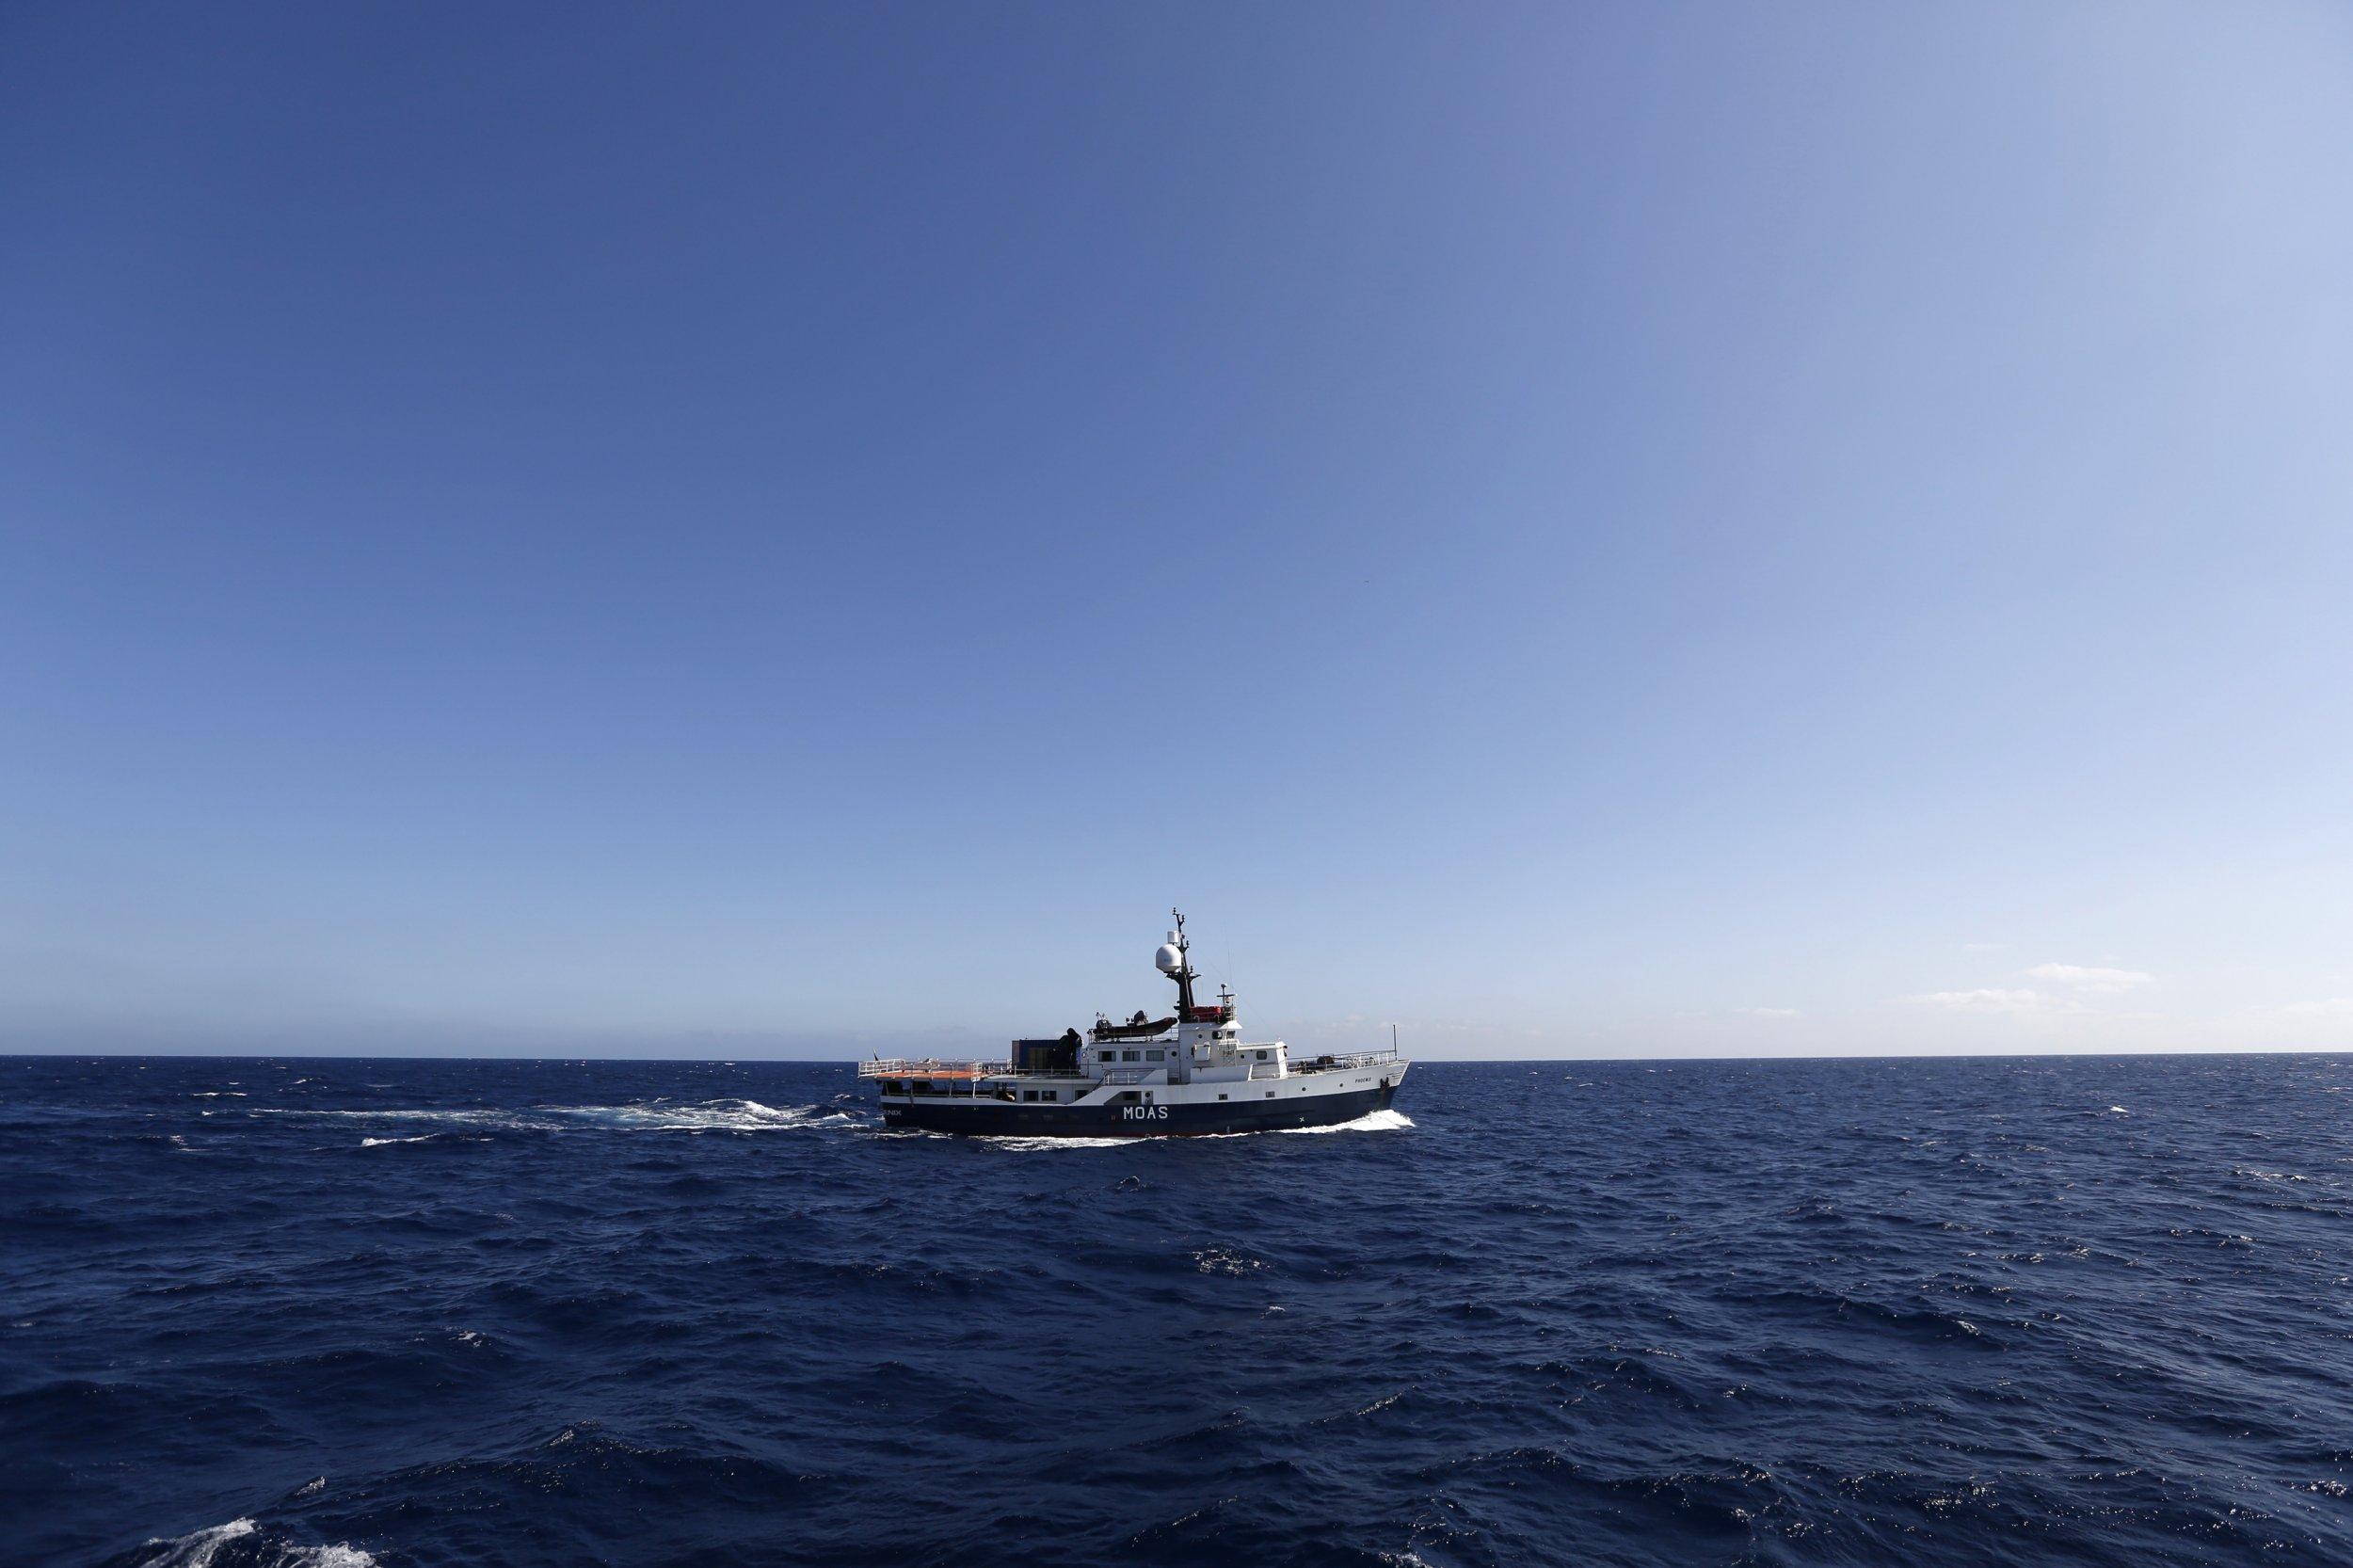 Migrant sea